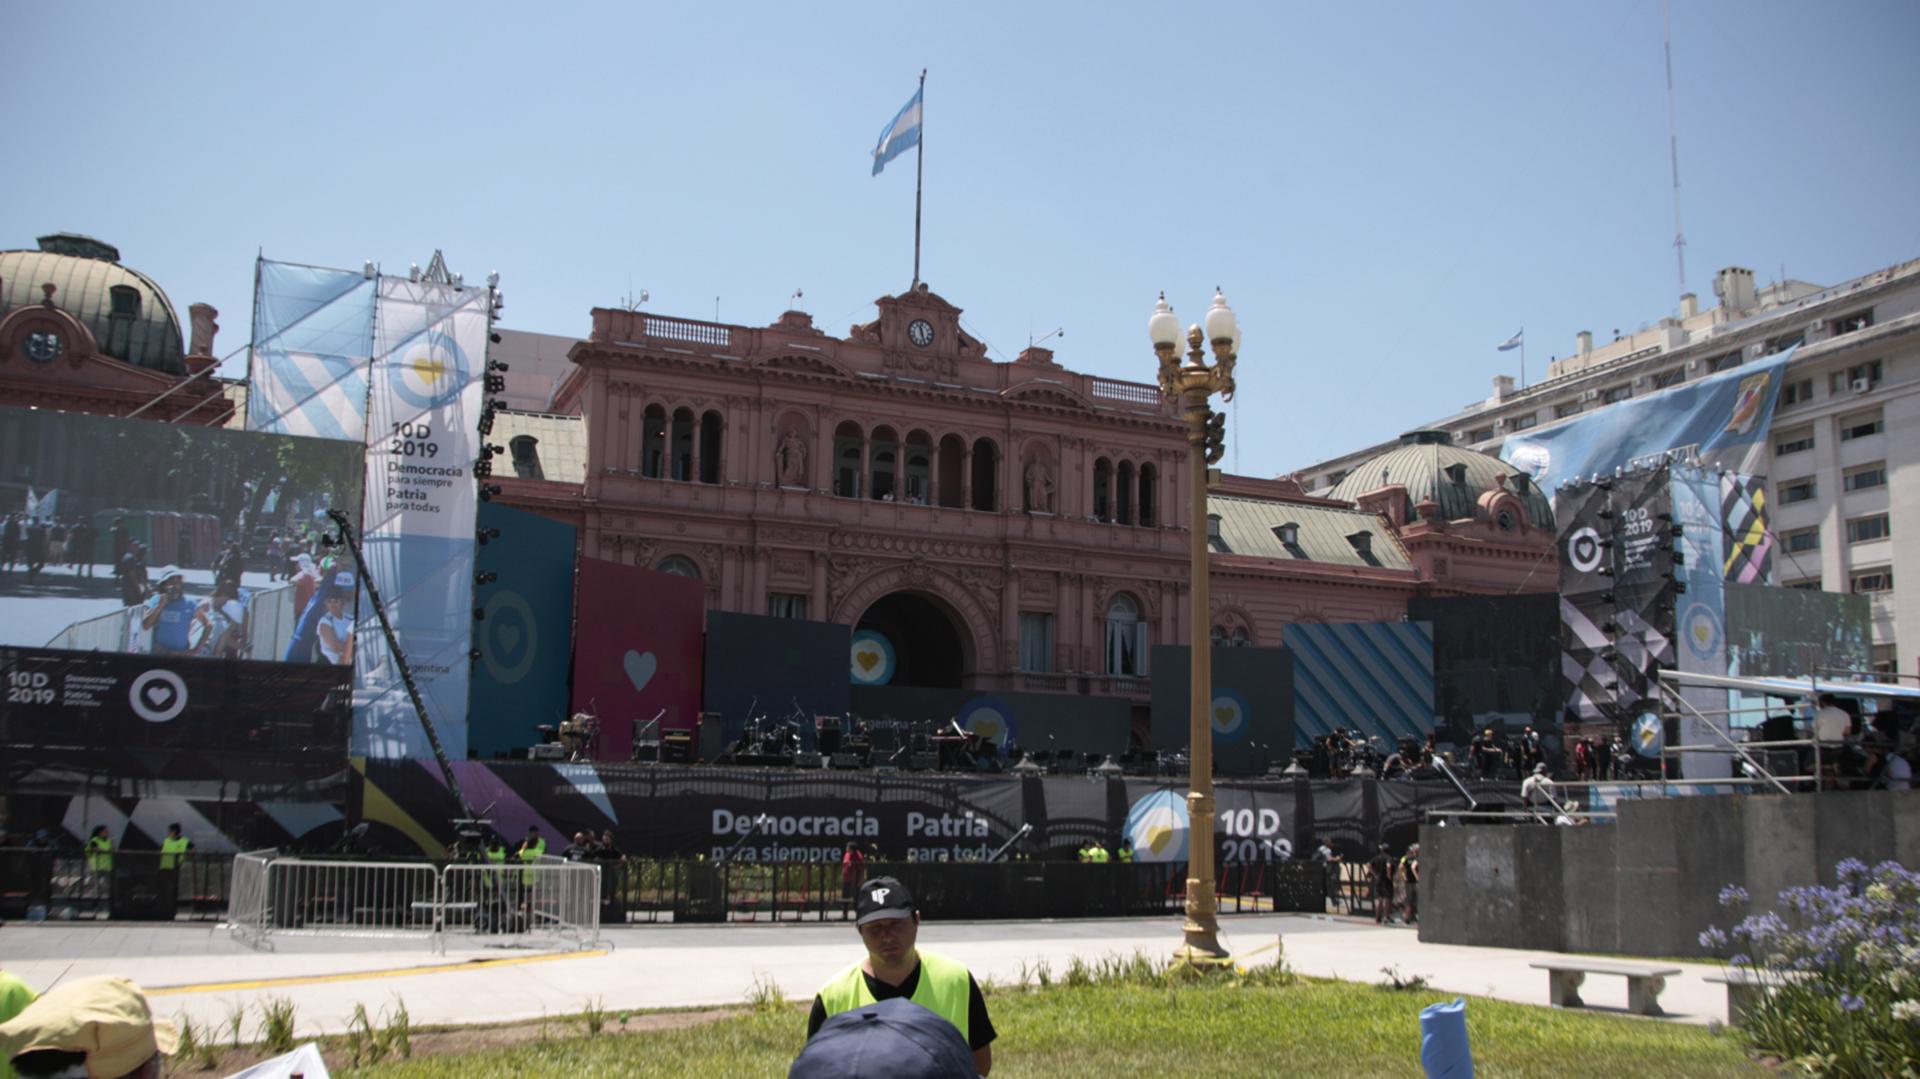 El escenario montado sobre el frente de la Casa Rosada recibirá a una decena de músicos y artistas